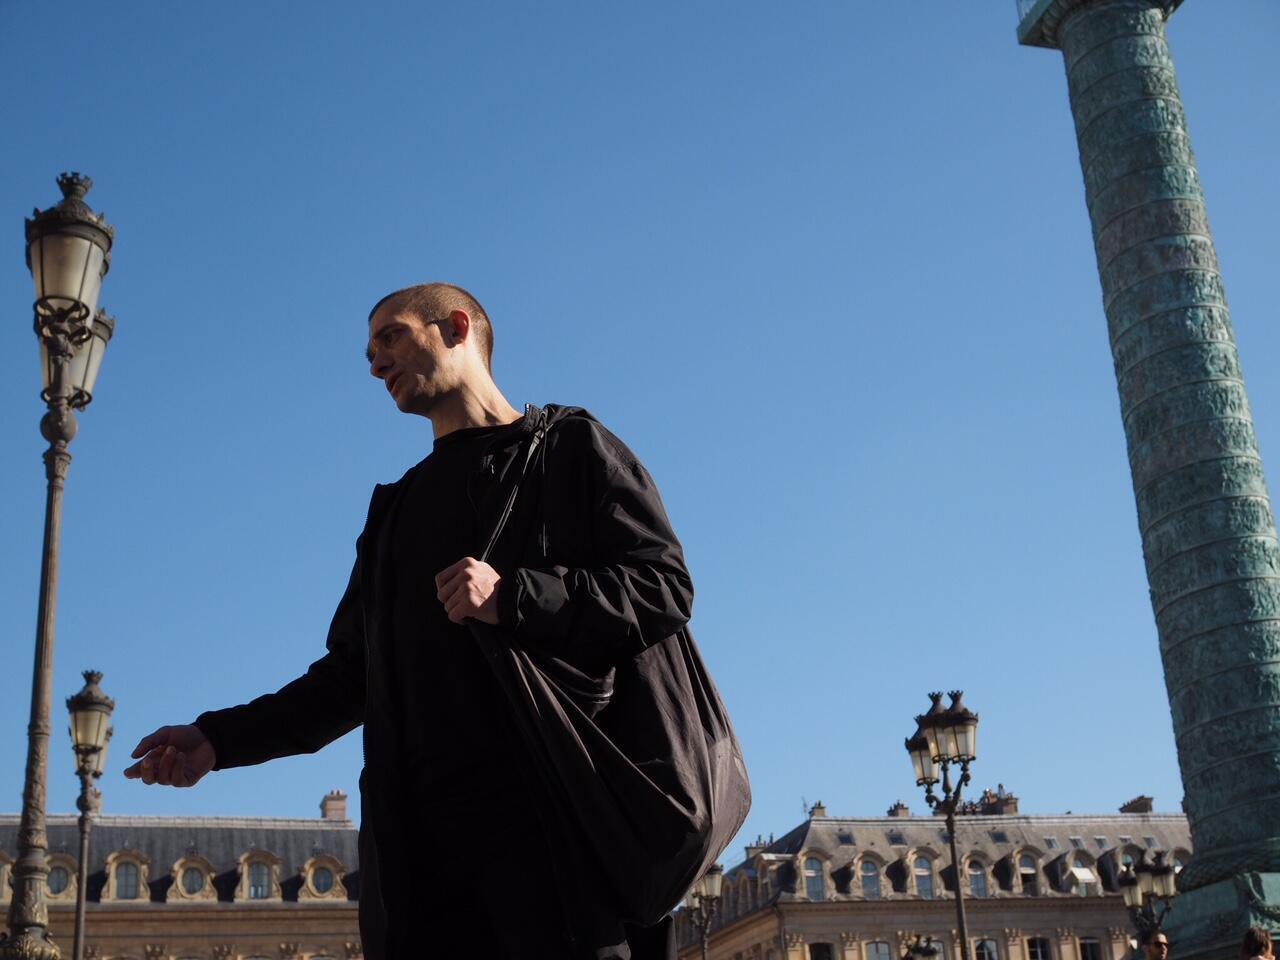 L'artiste performeur russe Piotr Pavlenski.